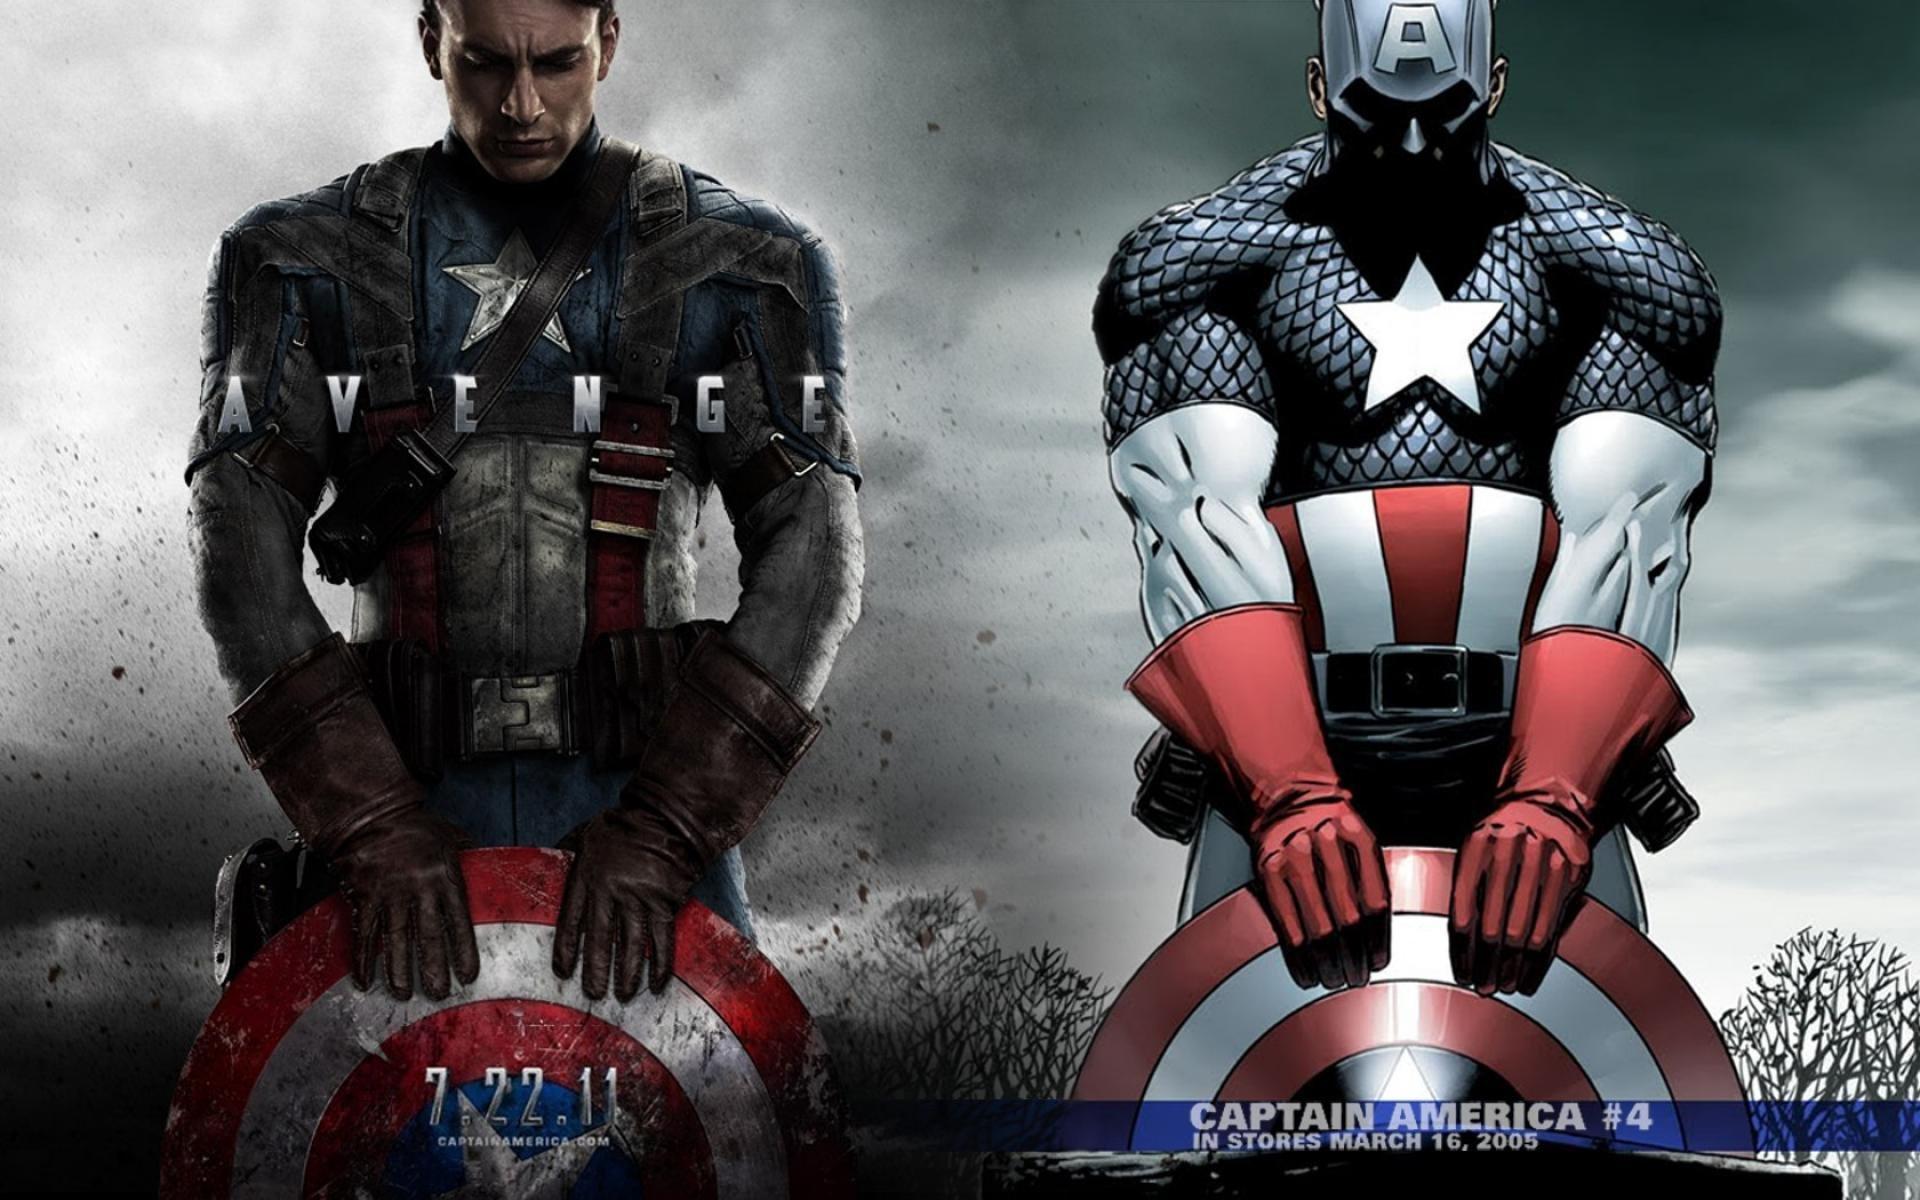 CAPTAIN AMERICA 3 Civil War Marvel Superhero Action Fighting 1cacw Warrior Sci Fi Avengers Poster Wallpaper